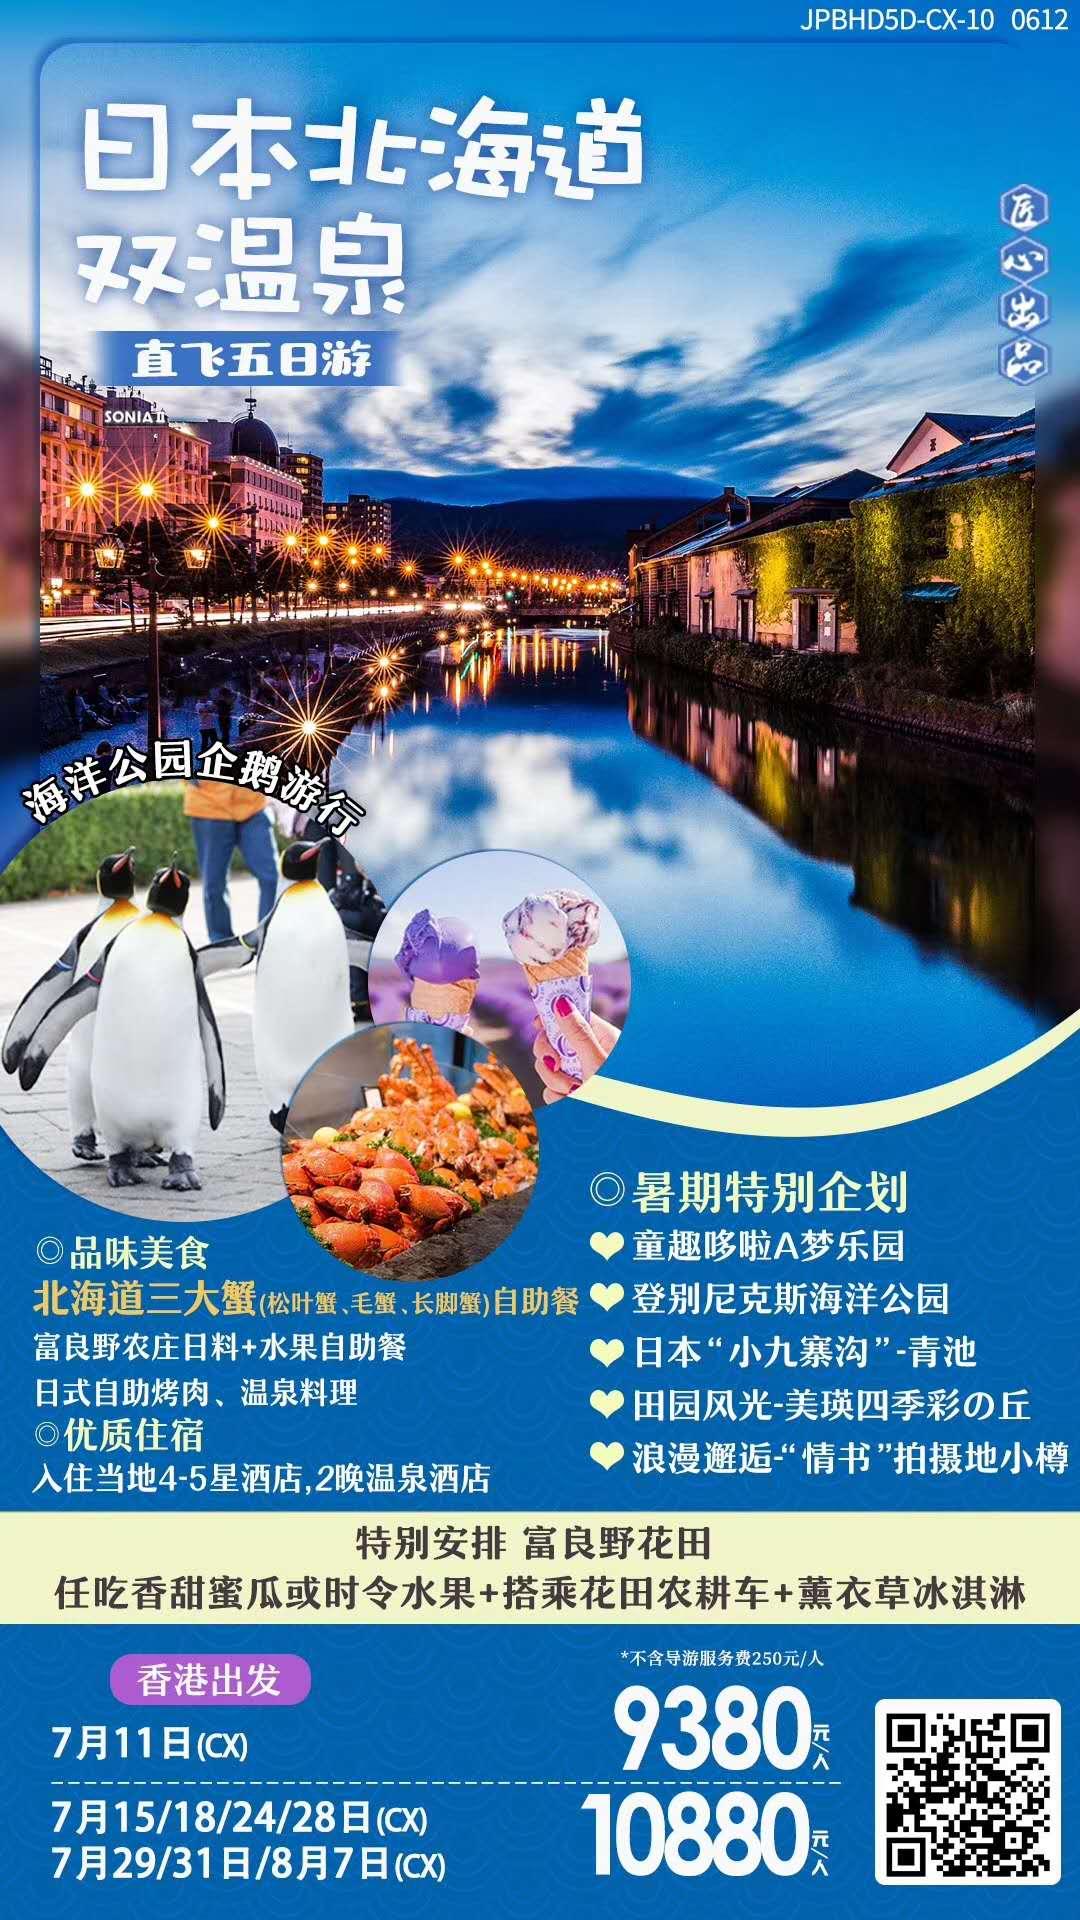 【日本北海道双温泉】直飞五日游、海洋企鹅游行、童趣哆啦A梦乐园、入住当地4-5星酒店